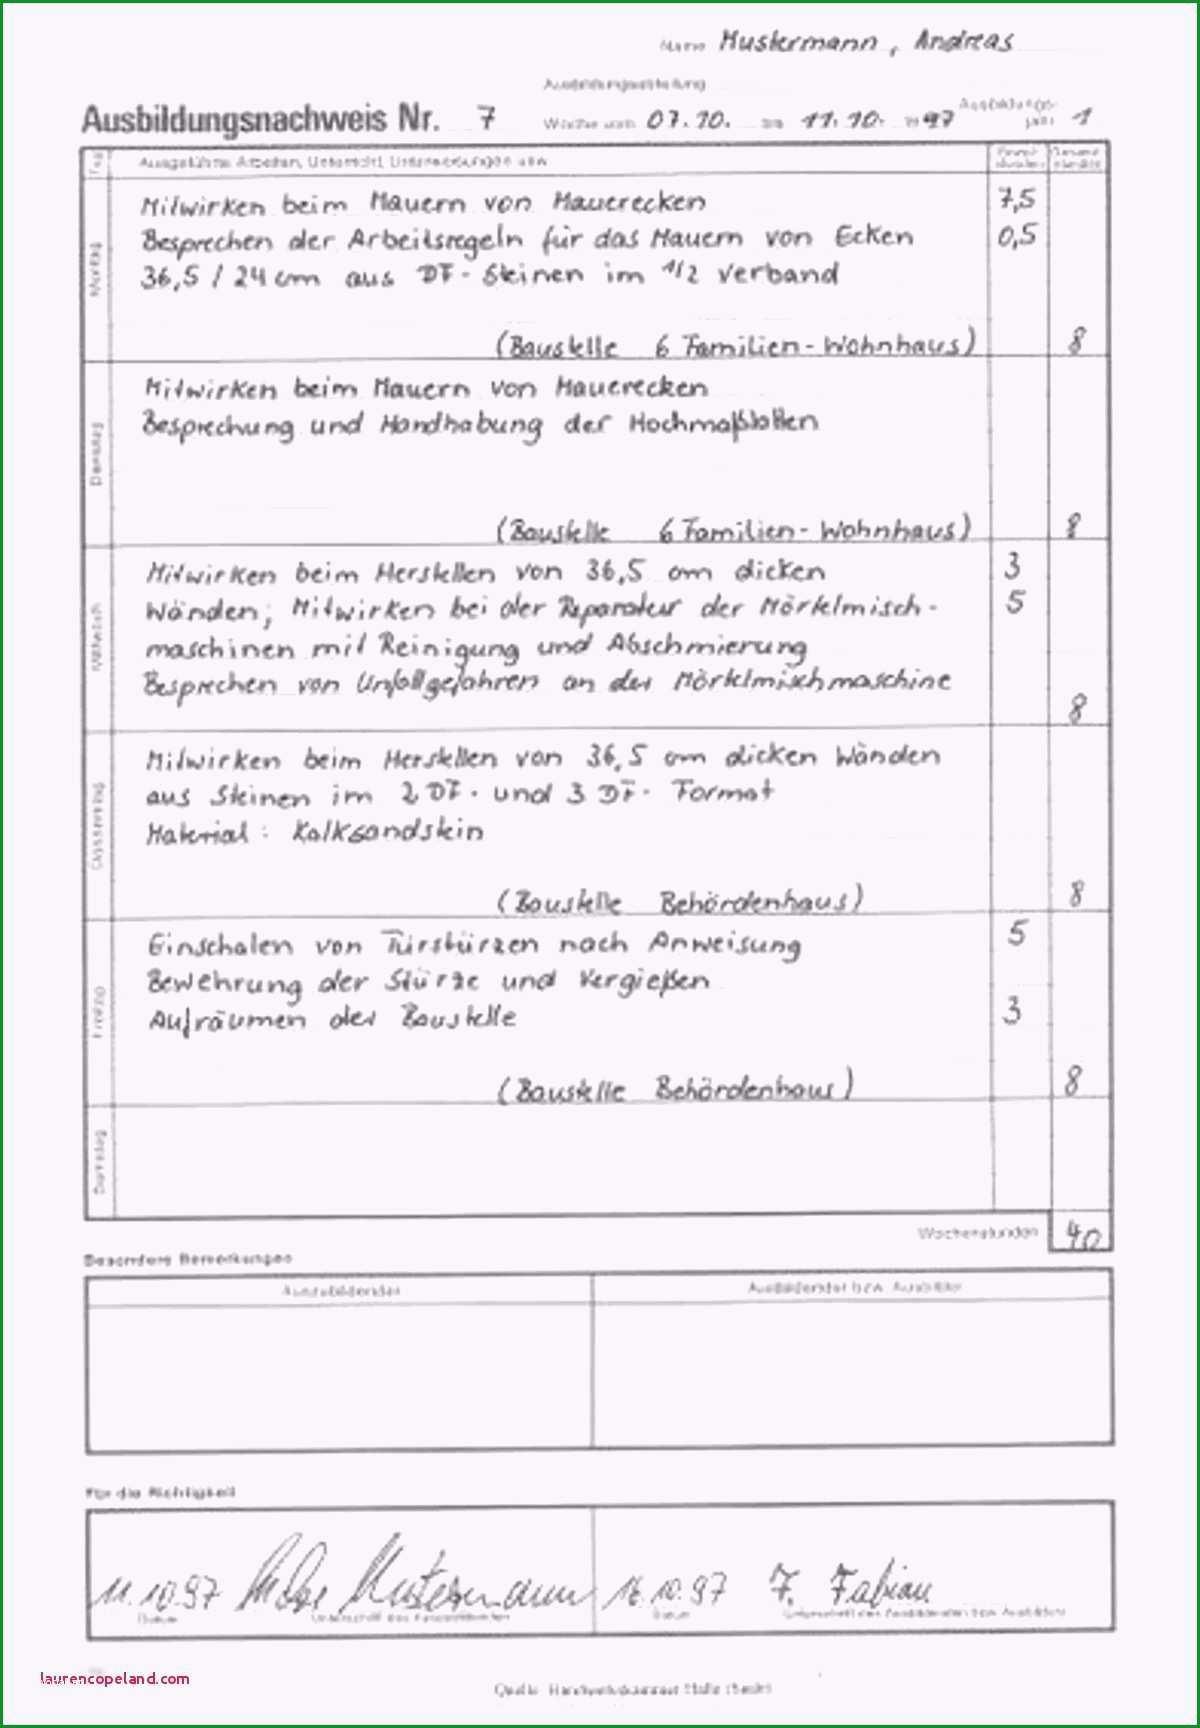 bewerbung kfz mechatroniker ausbildung vorlage berichtsheft kfz mechatroniker neu berichtsheft service in hessen 2